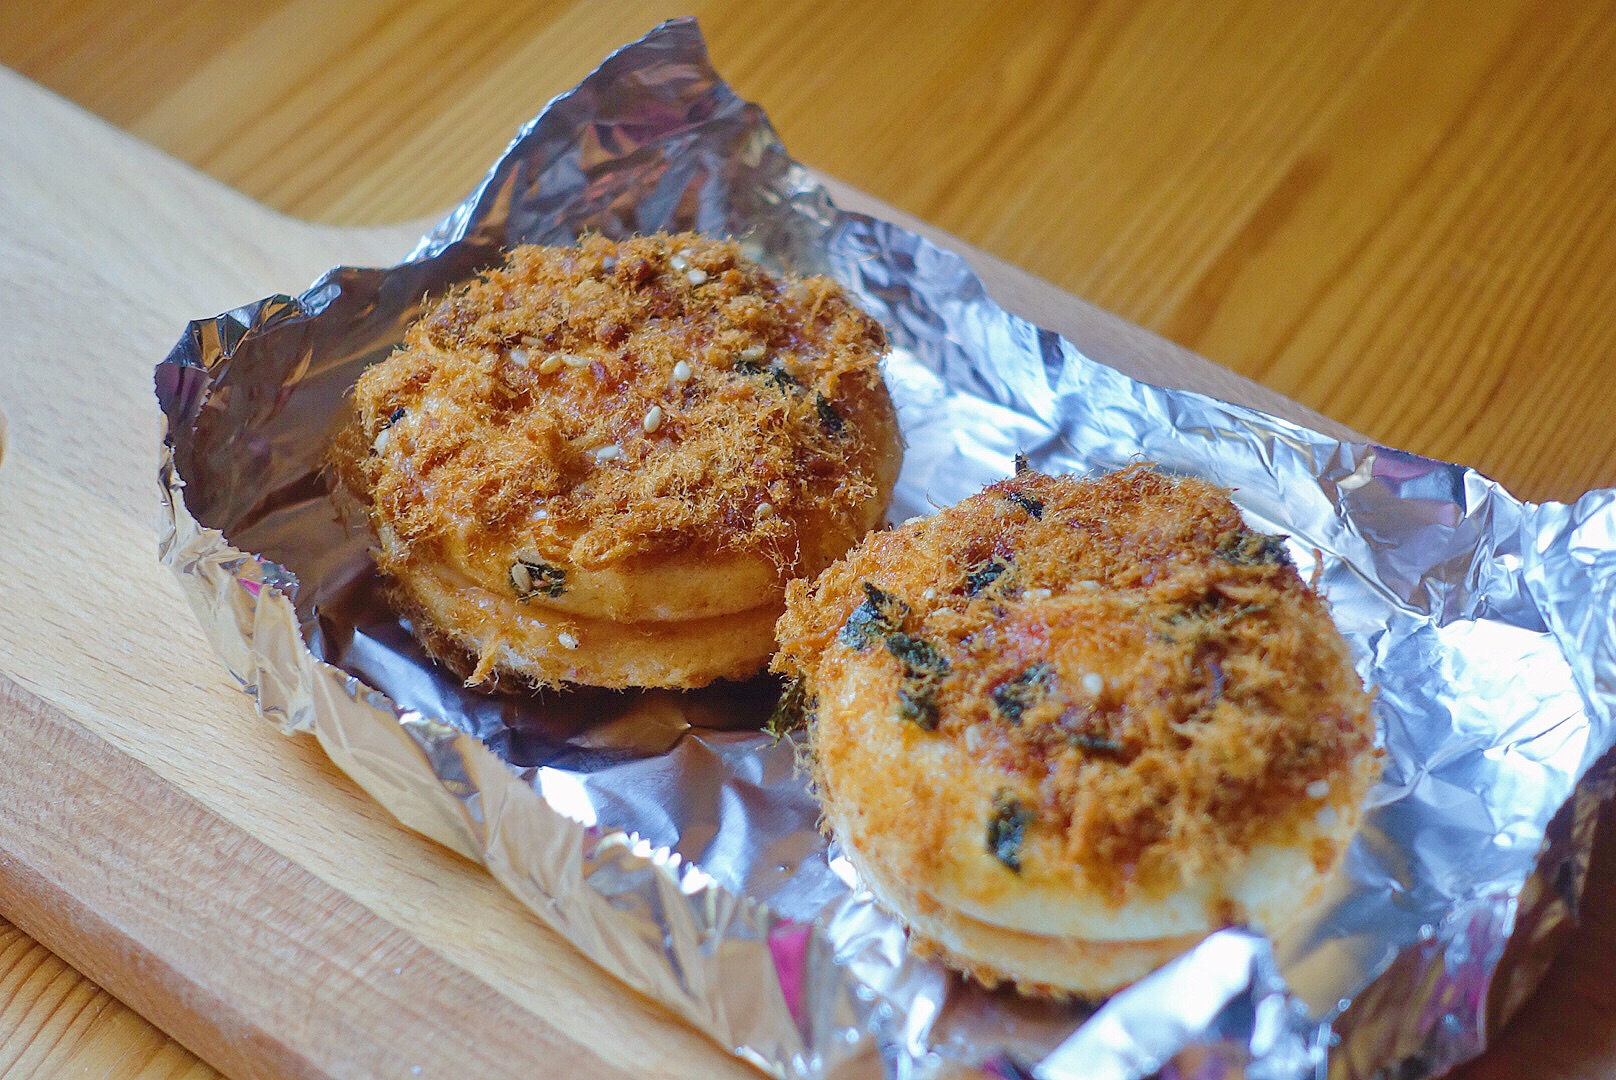 肉松小贝燕麦片放烤箱里烤图片